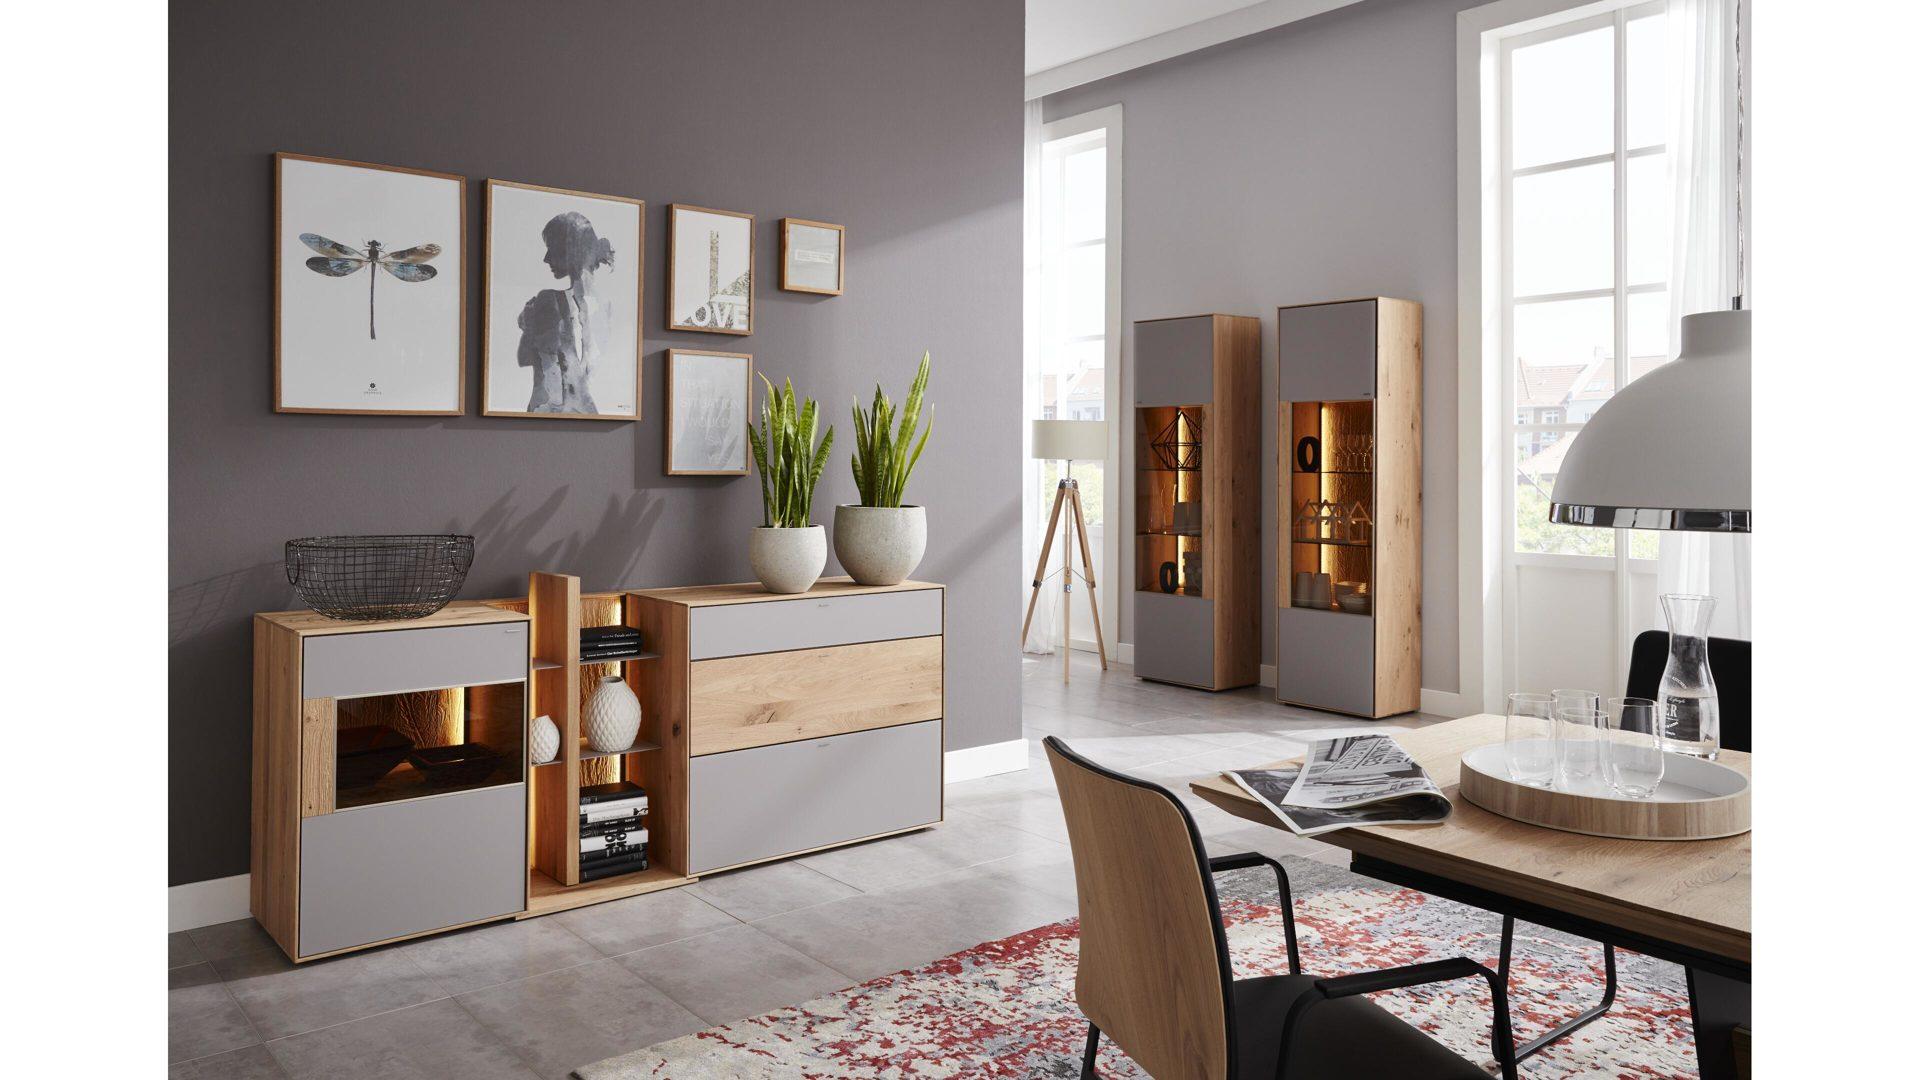 interliving wohnzimmer serie 2001 sideboard